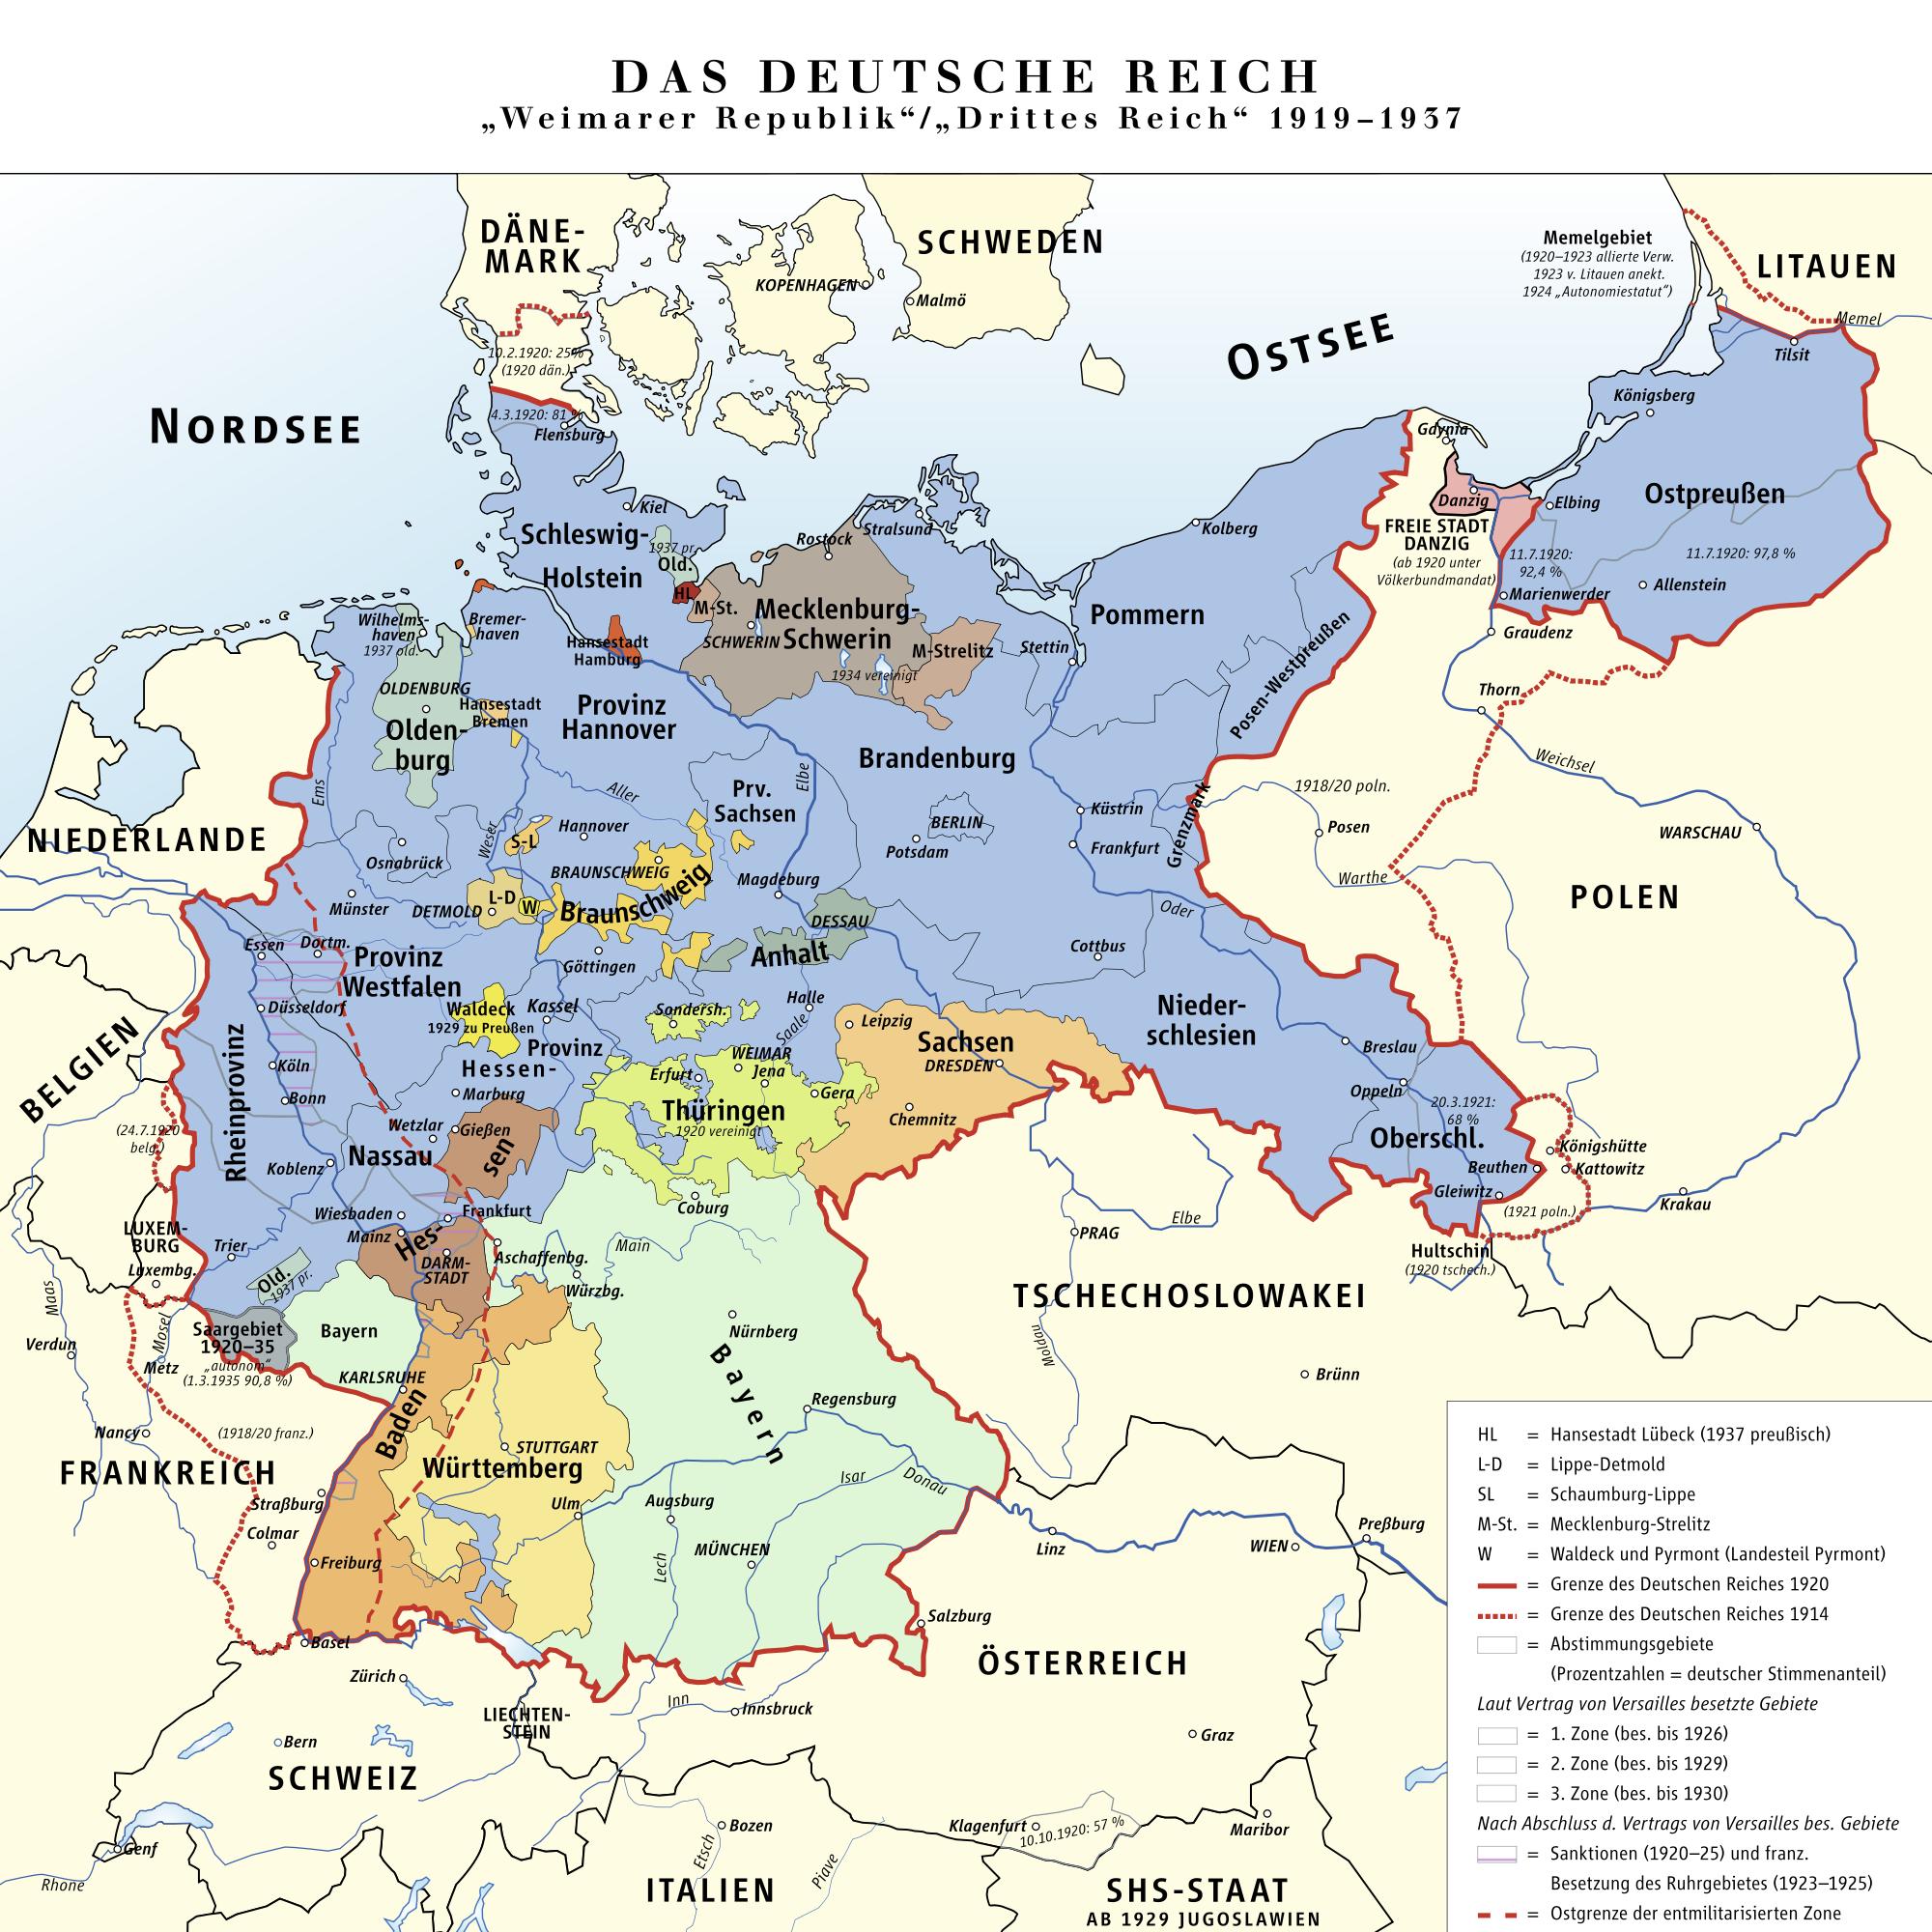 República de Weimar y el Tercer Reich de Alemania 1919-1937